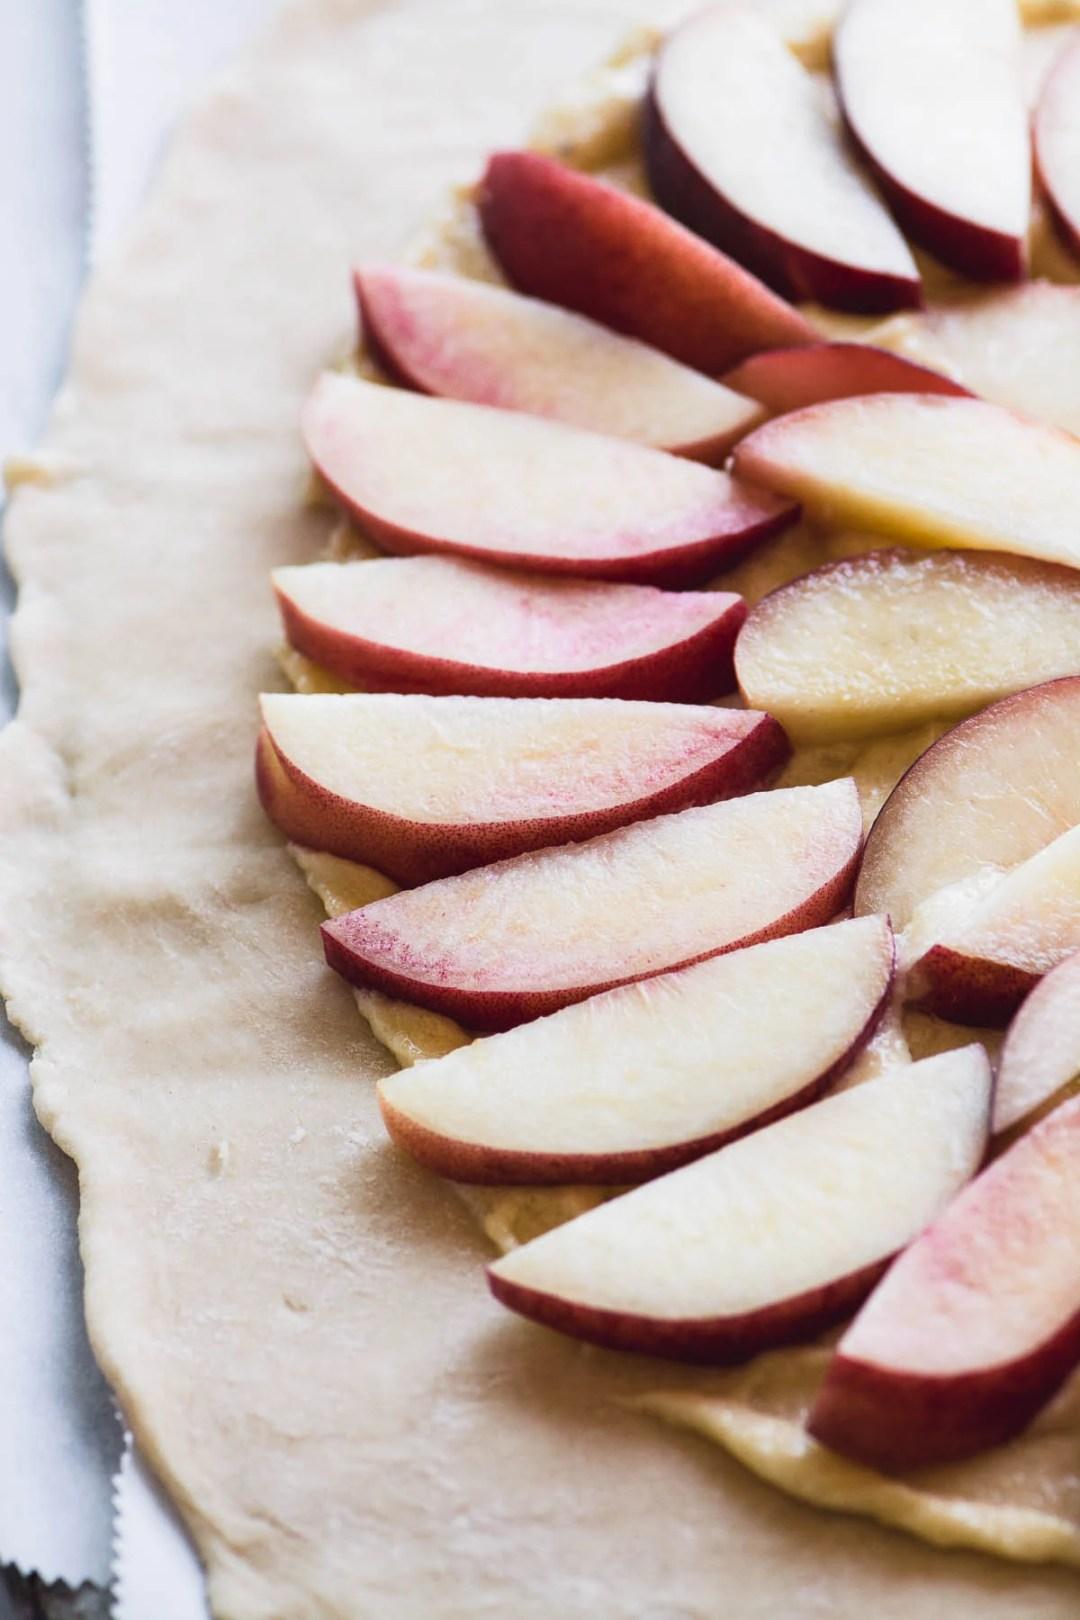 Sliced peaches on dough for White Peach Frangipane Galette